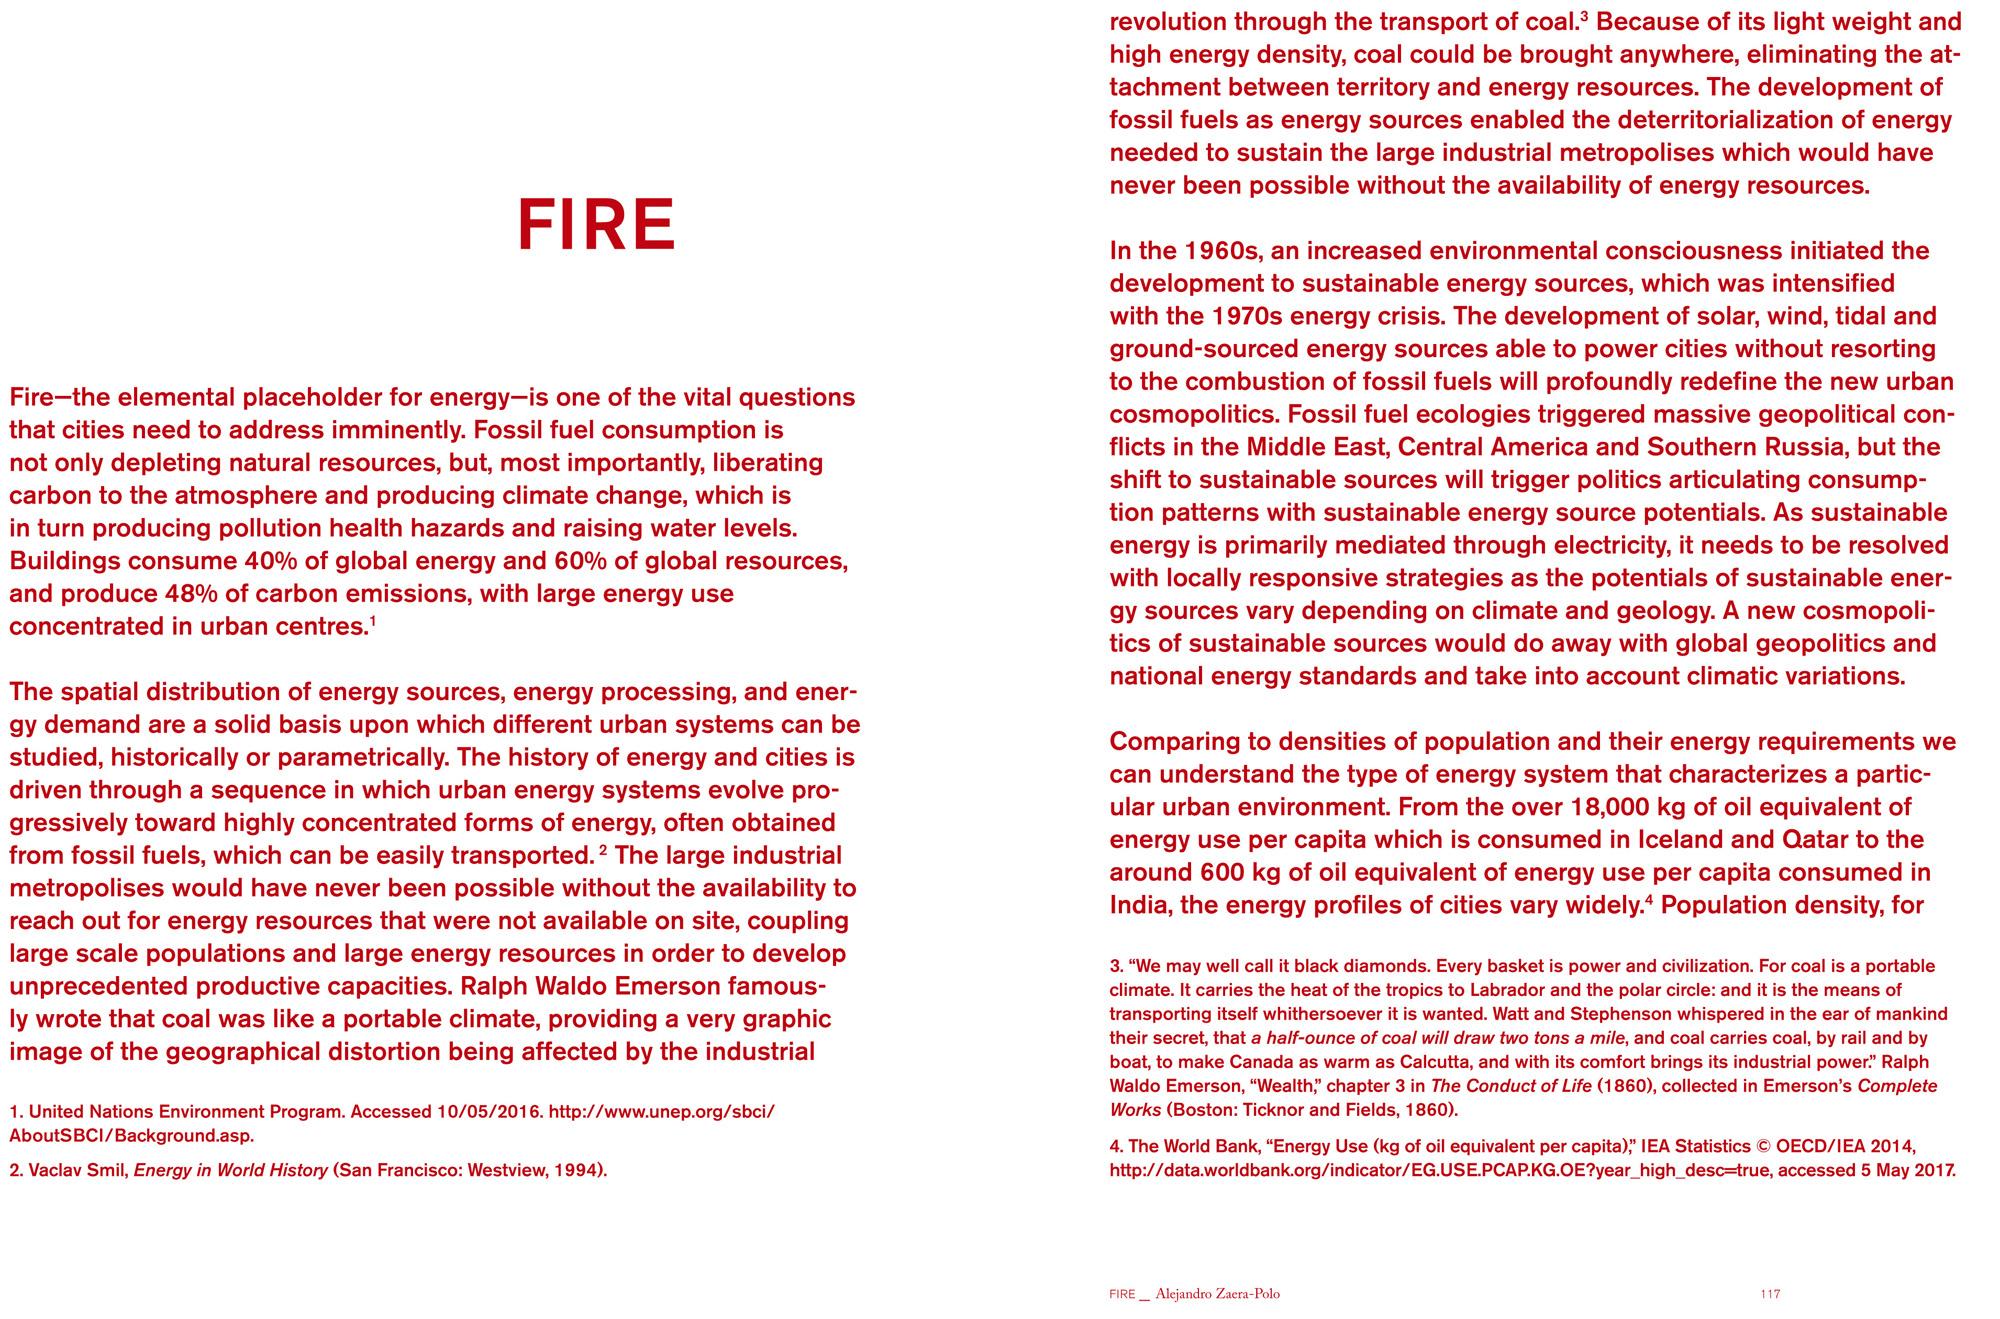 Book-1-Seoul-Promo-1-10